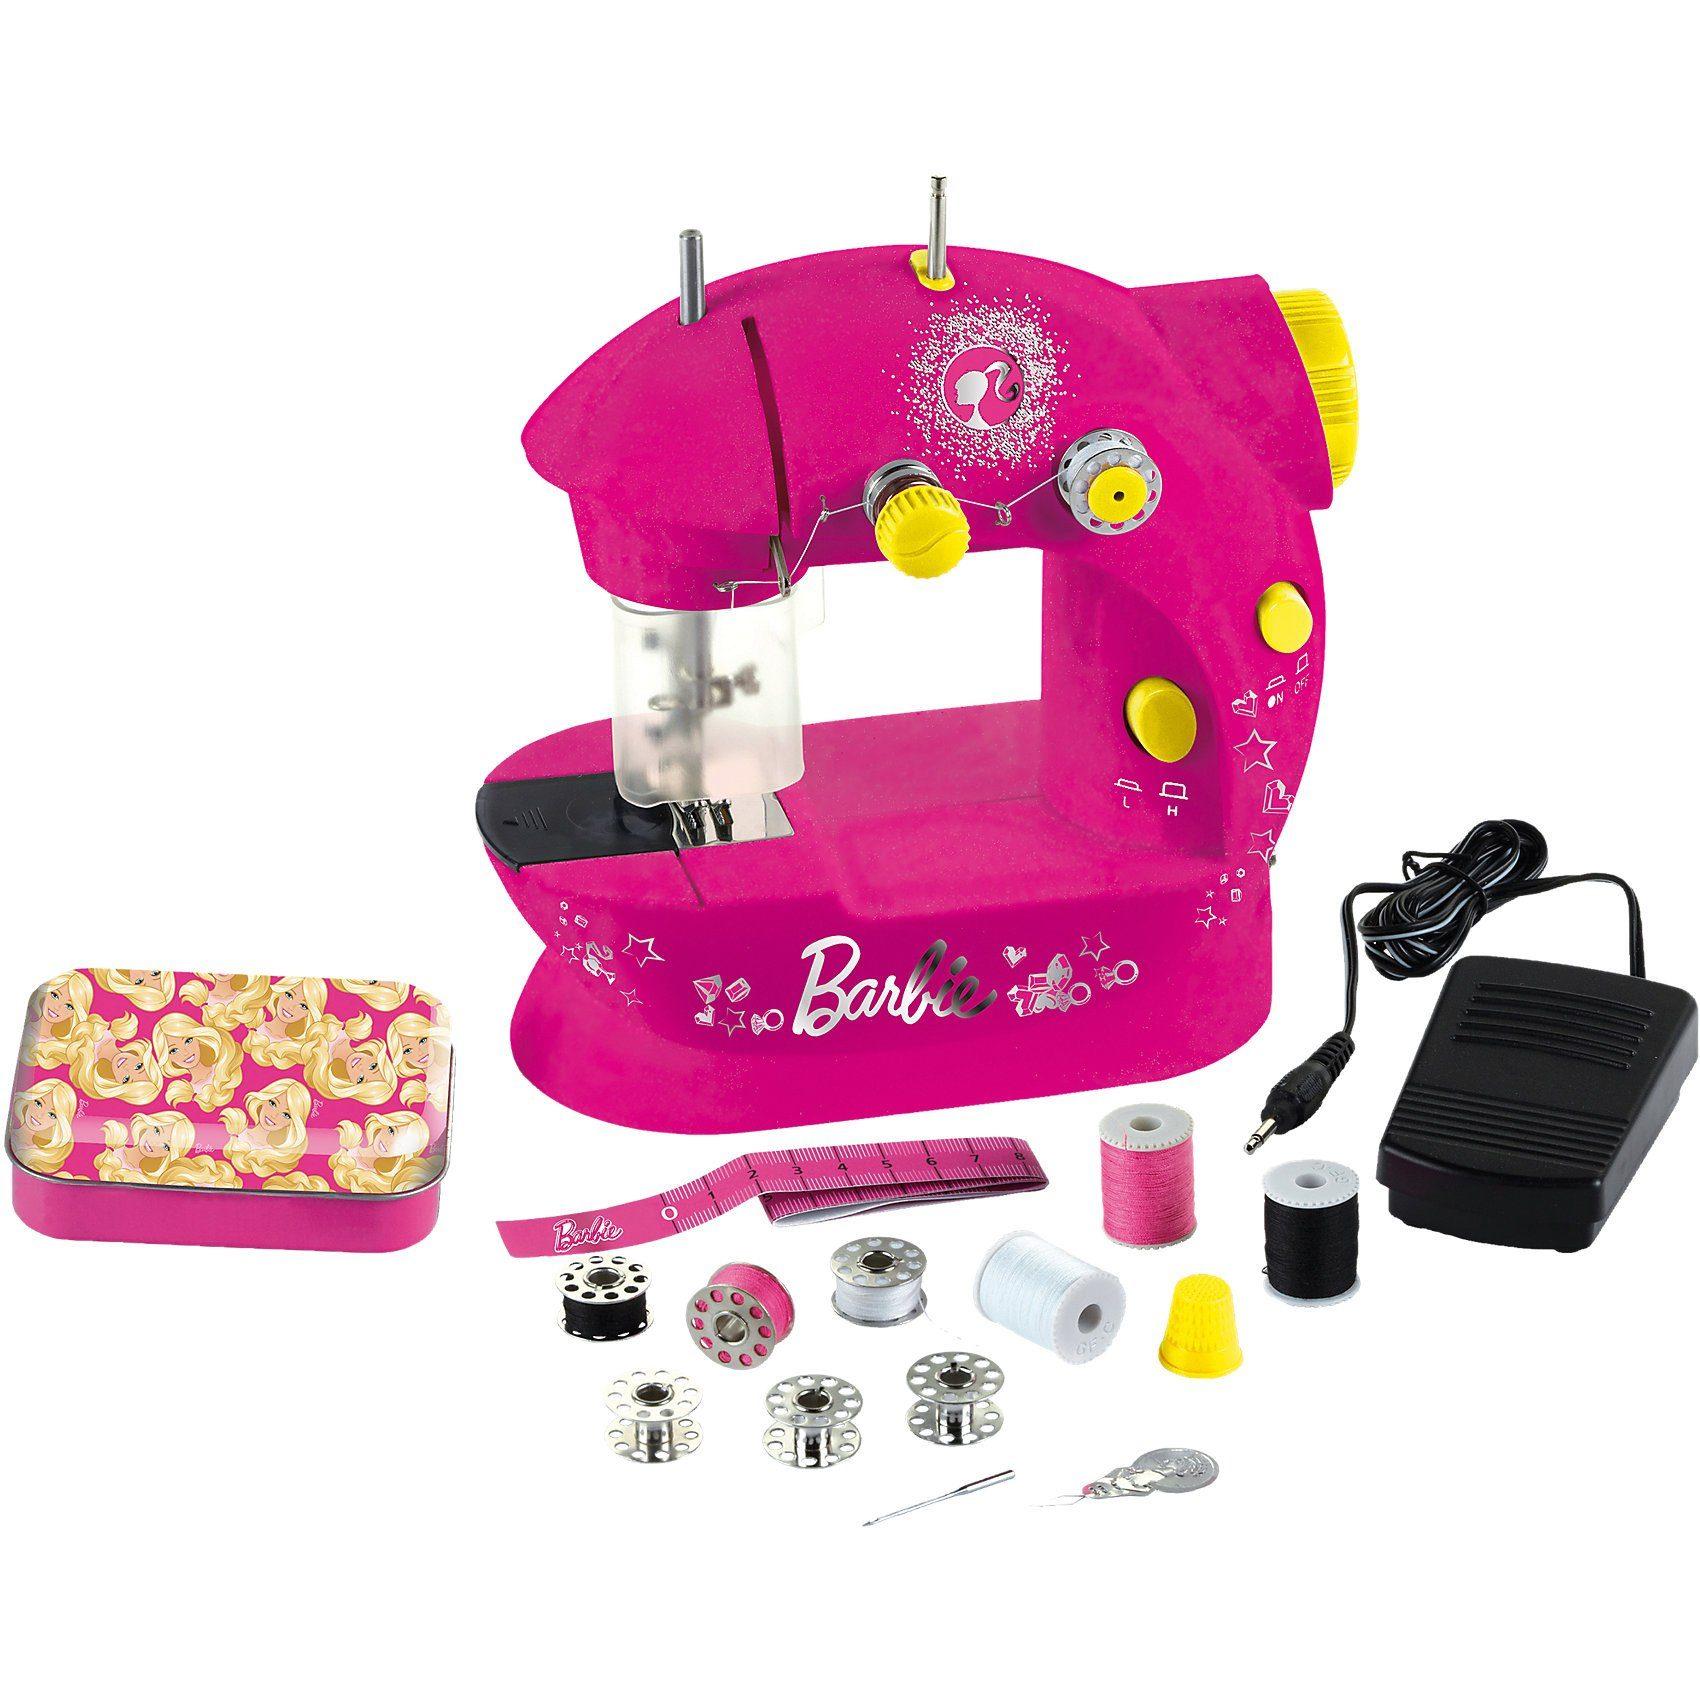 Klein Barbie Kinder-Nähmaschine